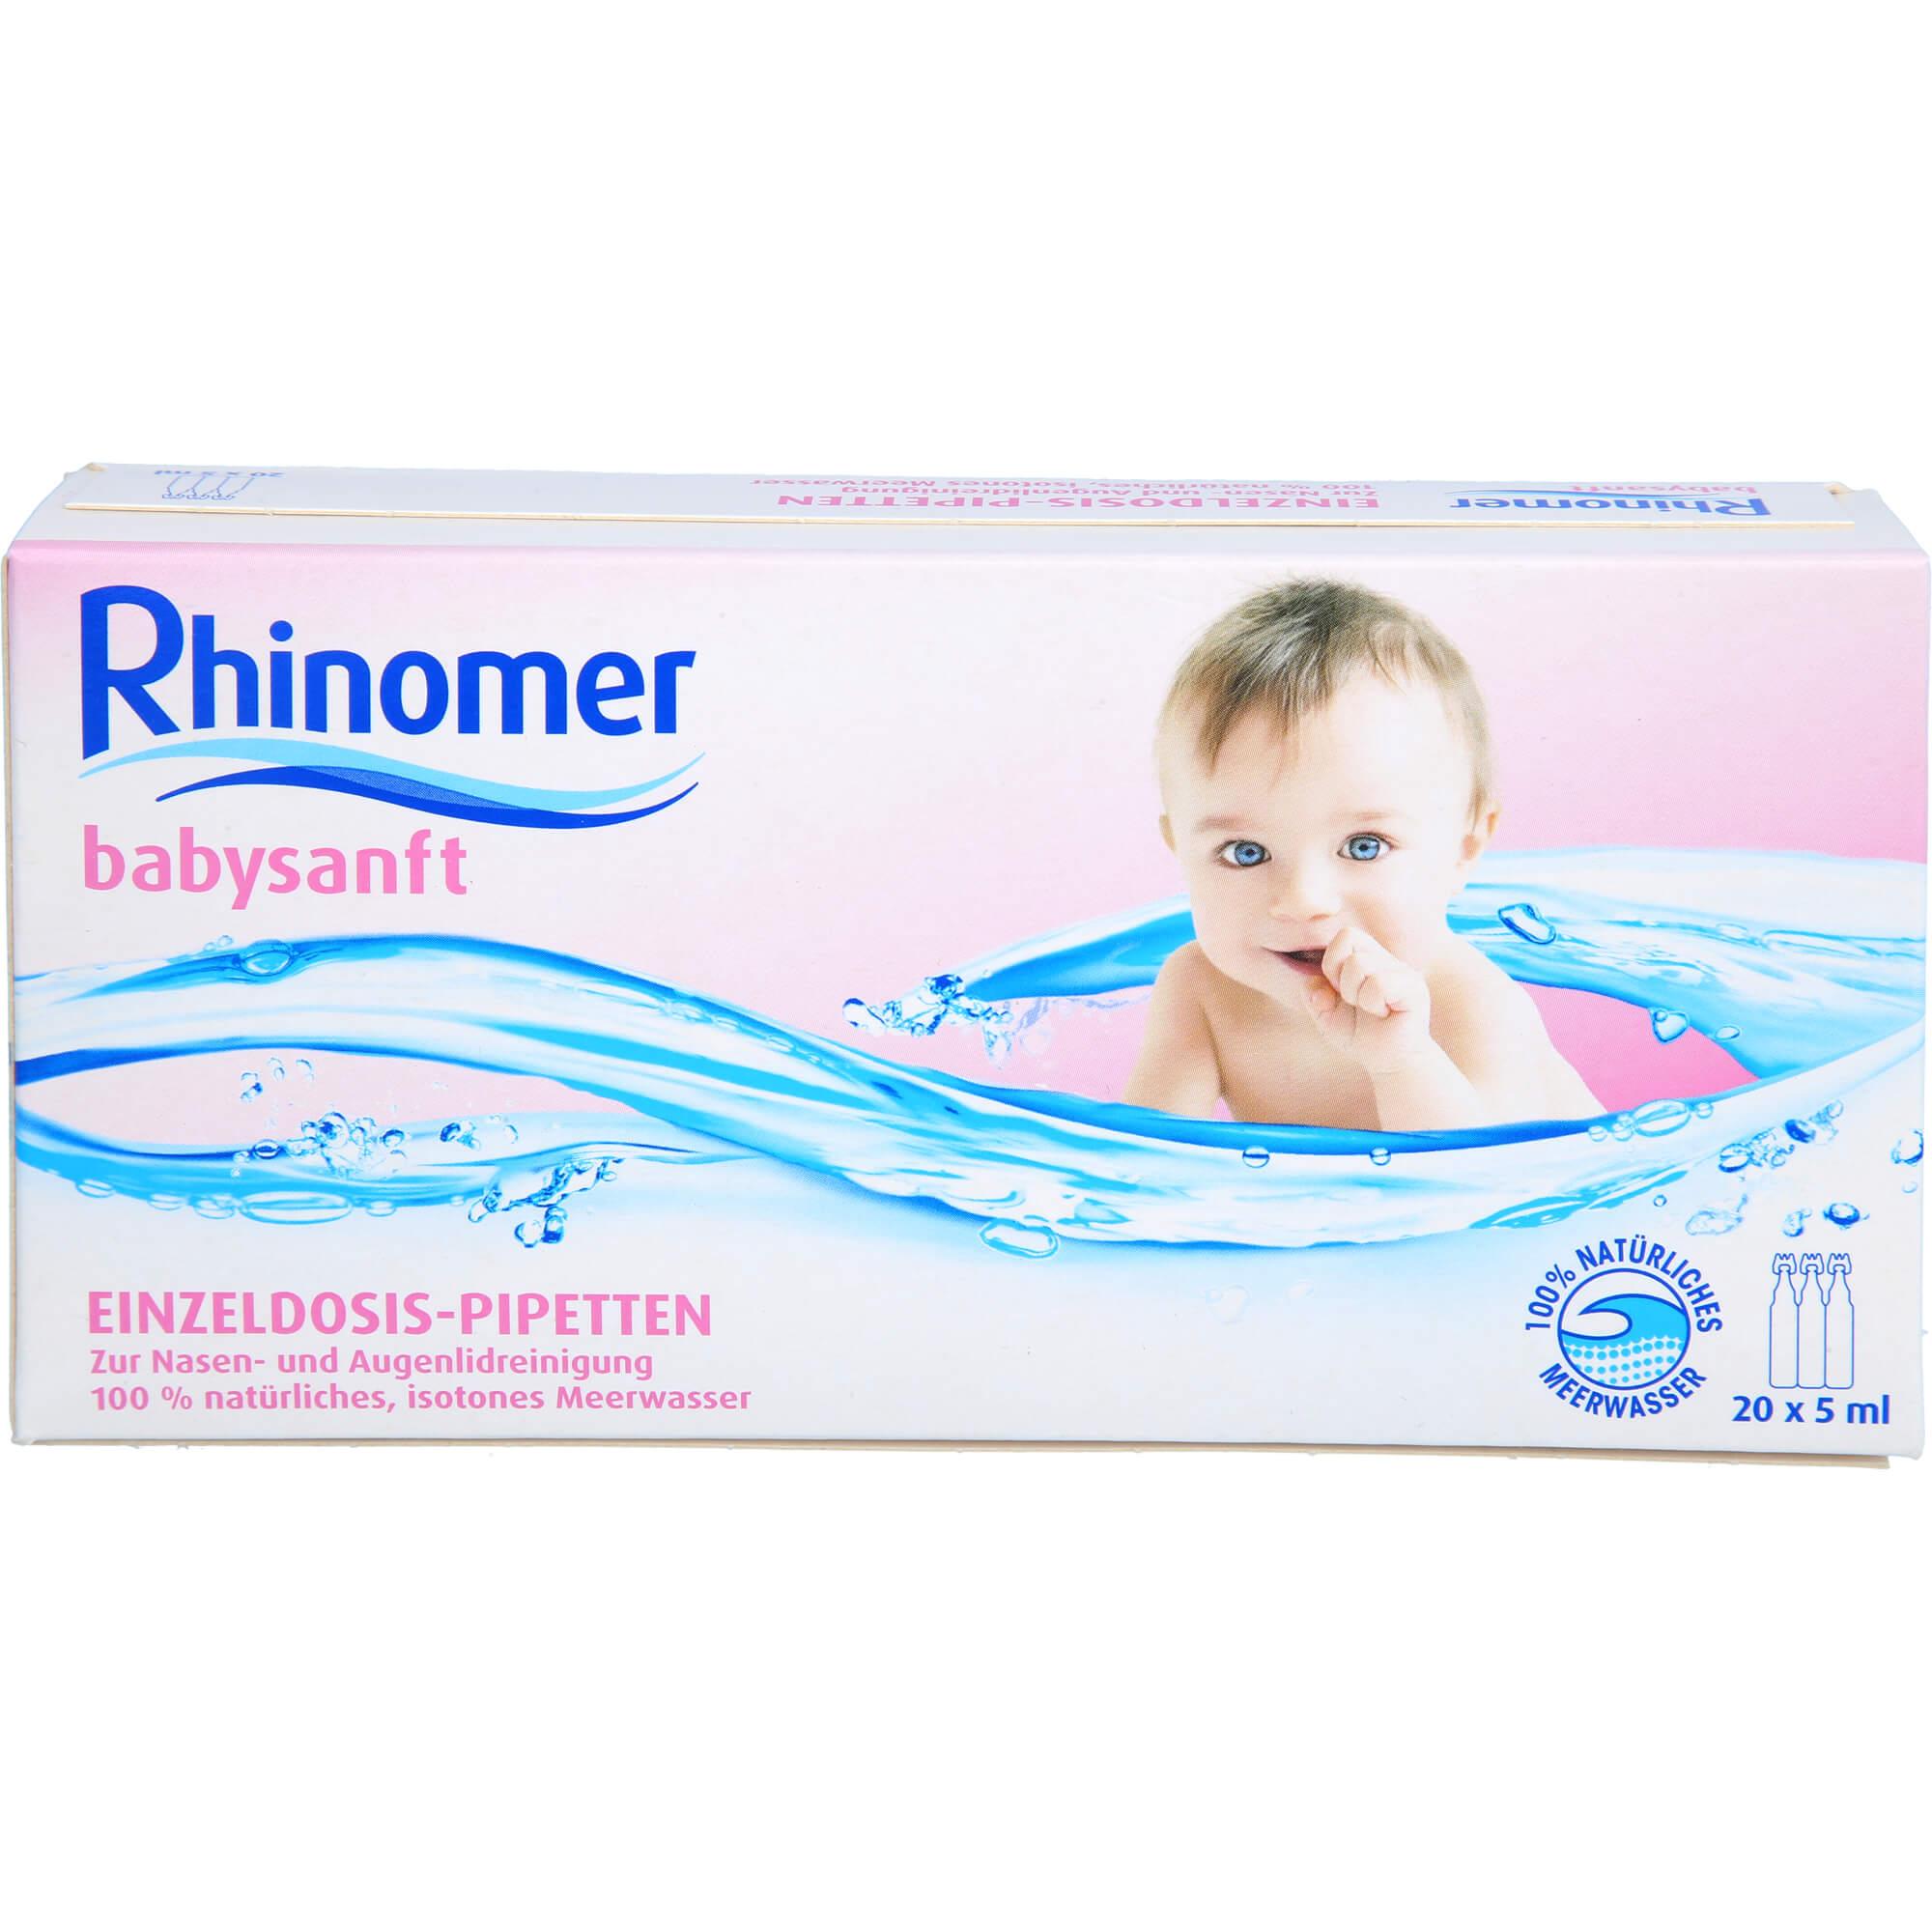 RHINOMER-babysanft-Meerwasser-5ml-Einzeldosispip